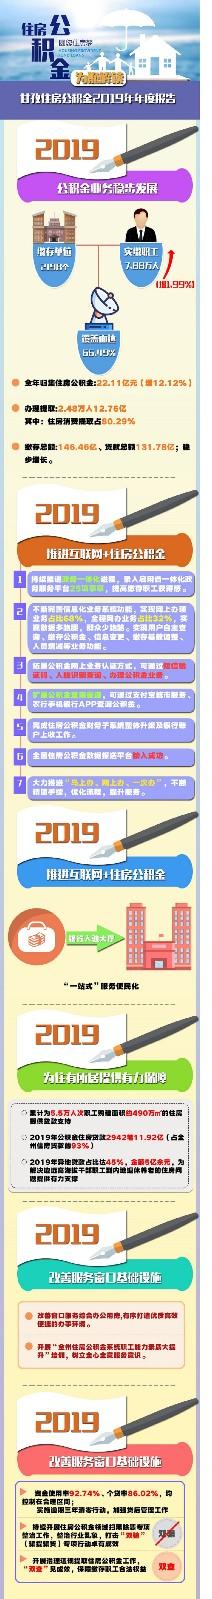 2019年度运行报告.jpg